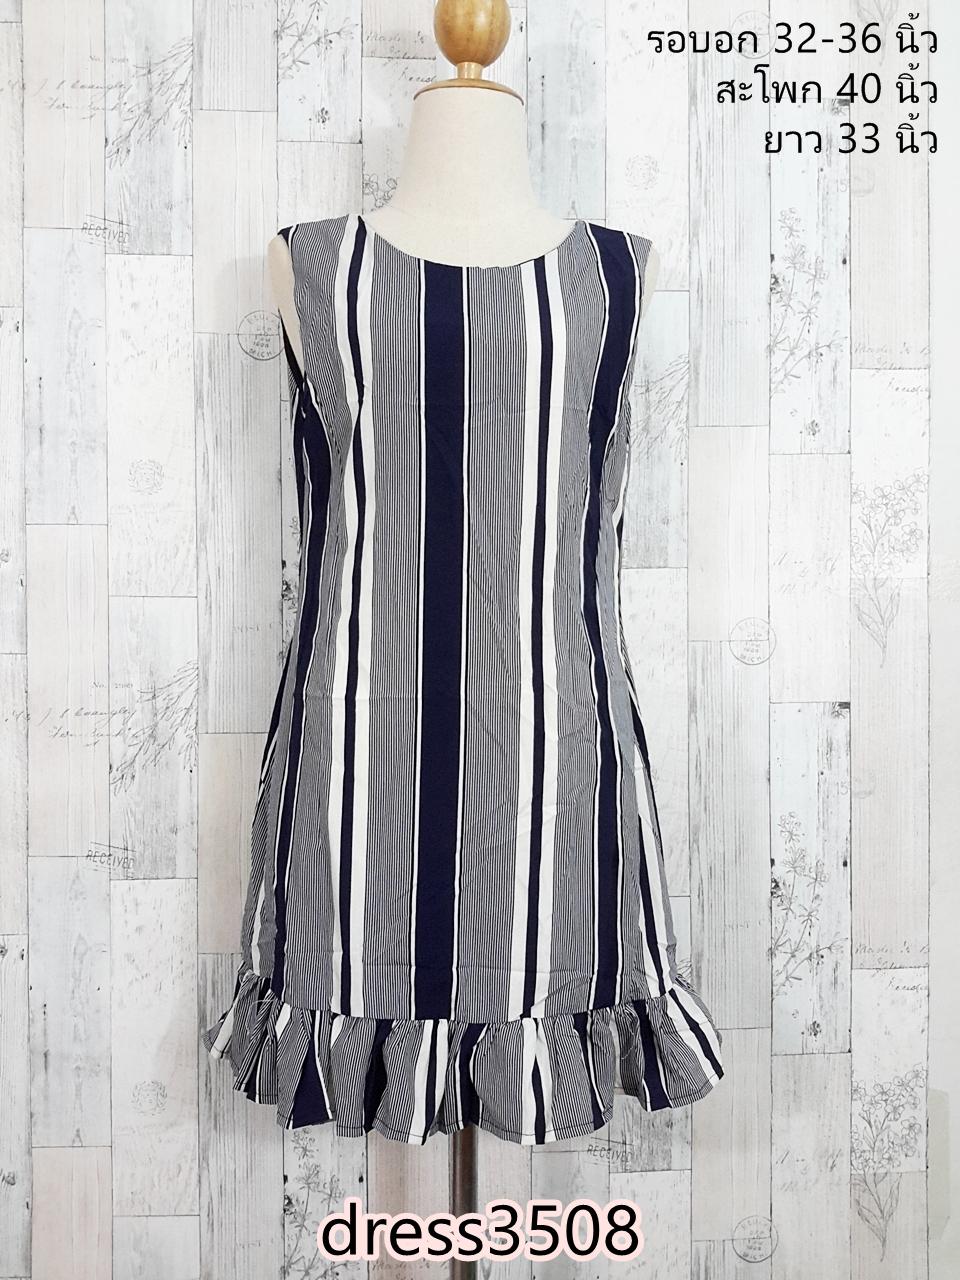 LOT SALE!! Dress3508 ชุดเดรสน่ารัก แต่งโบว์ด้านหลัง ชายระบาย ผ้าไหมอิตาลีเนื้อนิ่มลายริ้ว สีกรมท่า